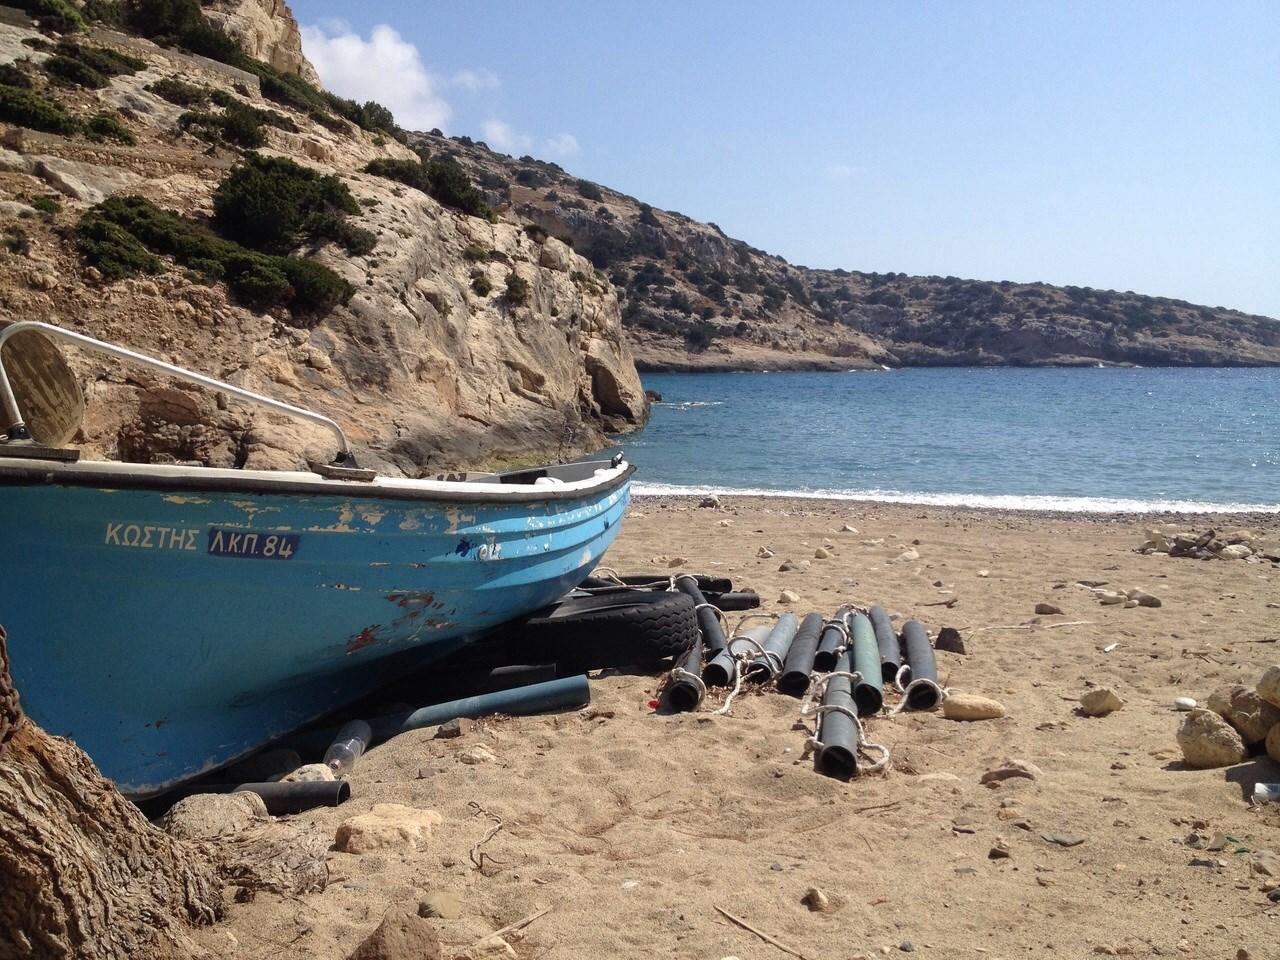 Offroad auf Kreta unterwegs   Land Rover Adventure Tour Greece 2015 sonne land und leute griechenland europa  tui berlin kreta offroad bucht